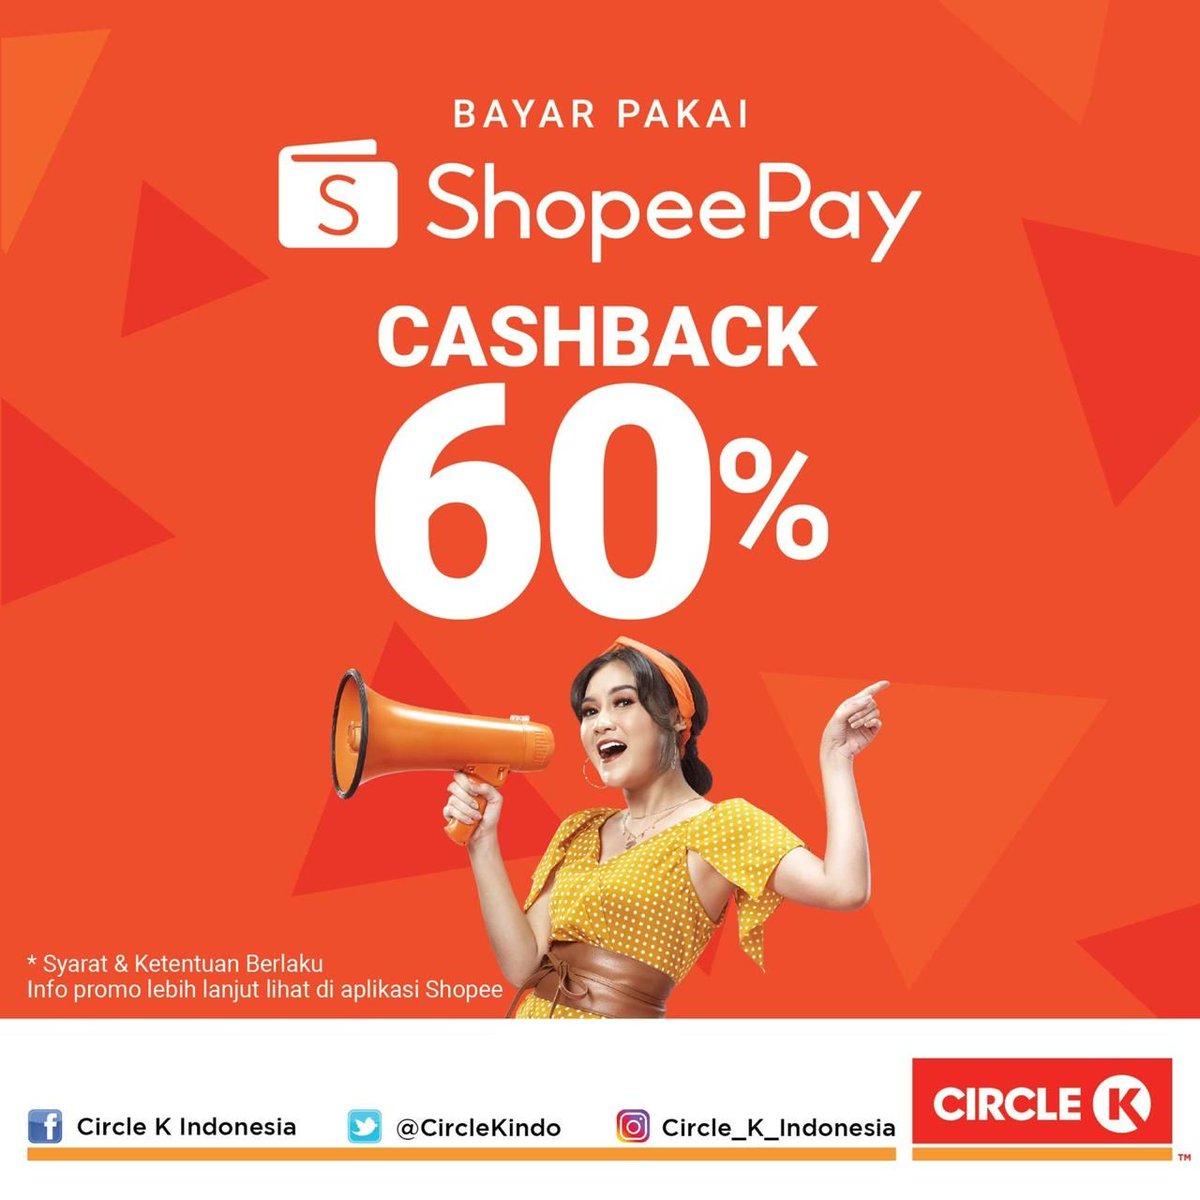 Hayooo jangan murung! Masih ada cashback 60% dari @shopeepay_id.. Liat details S&K-nya di aplikasi Shopee-mu, yuk.. Jangan ditunda-tunda! https://t.co/msvYlLYIRS